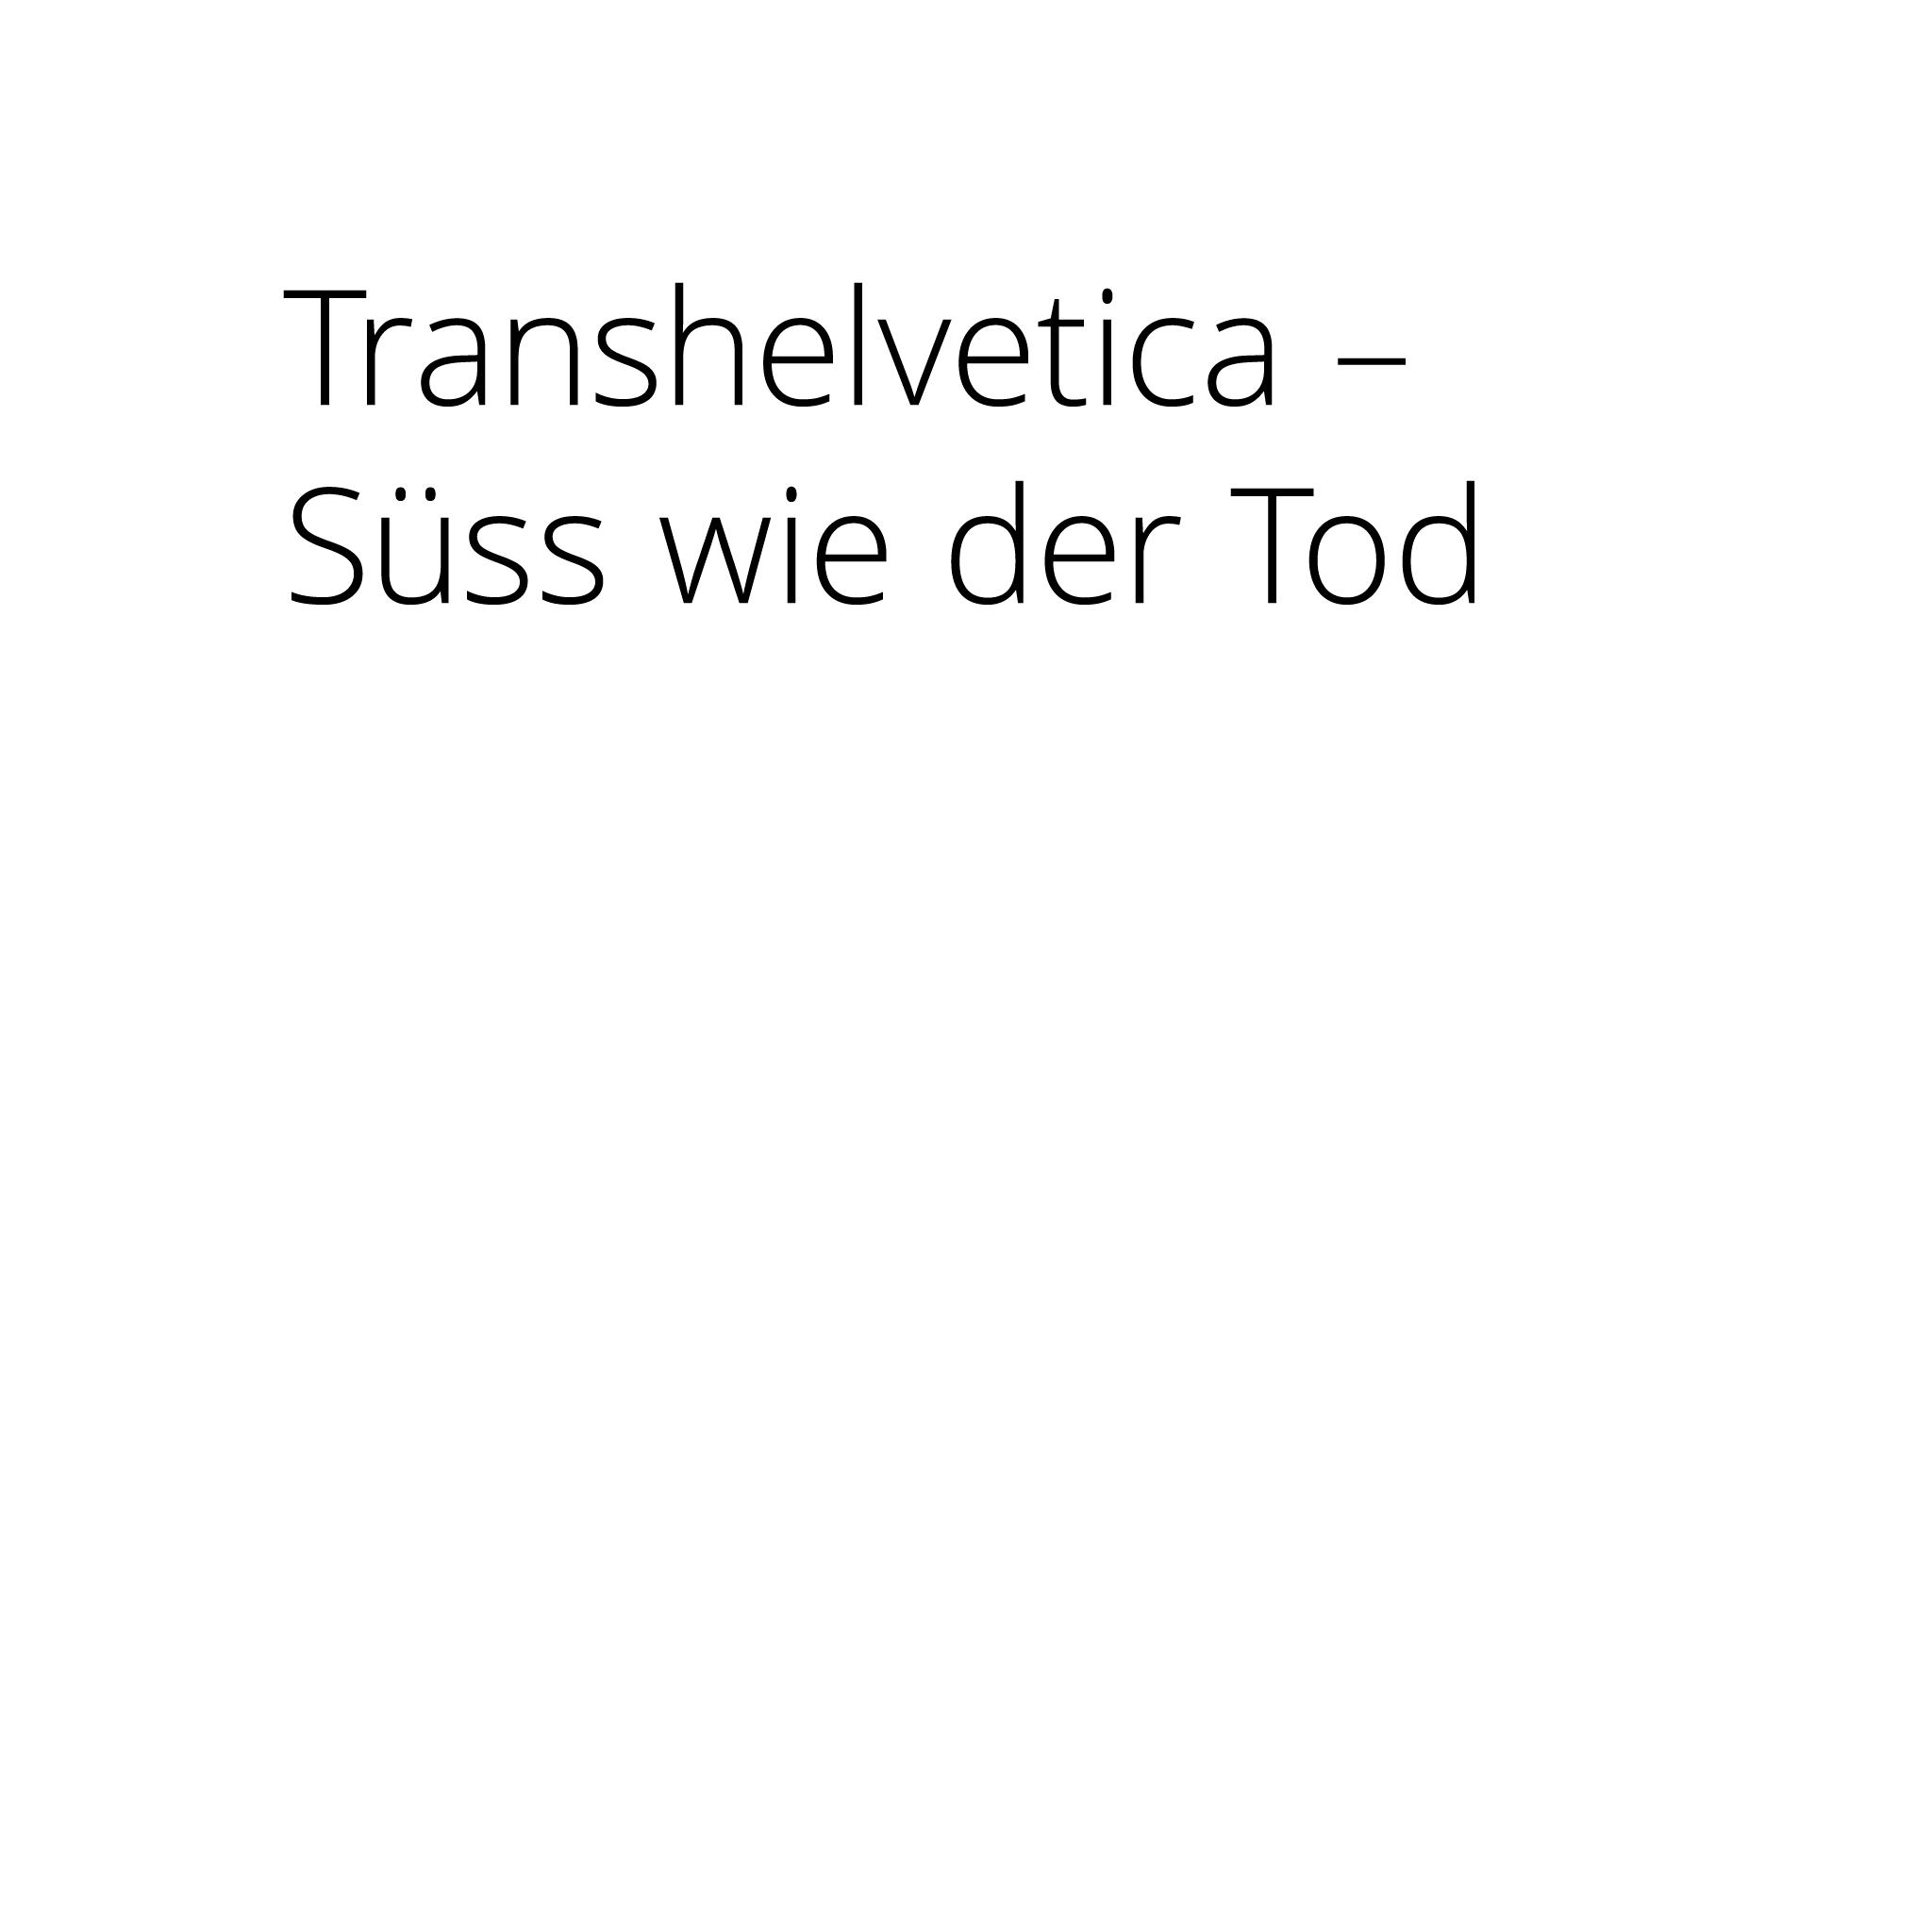 Transhelvetica-Suess-wie-der-Tod.png